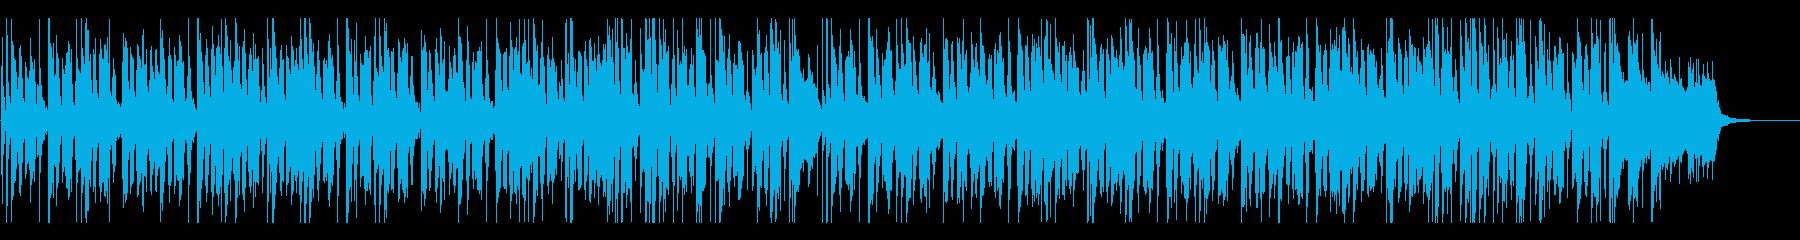 三味線と琴の明るく落ち着いた和風BGMの再生済みの波形